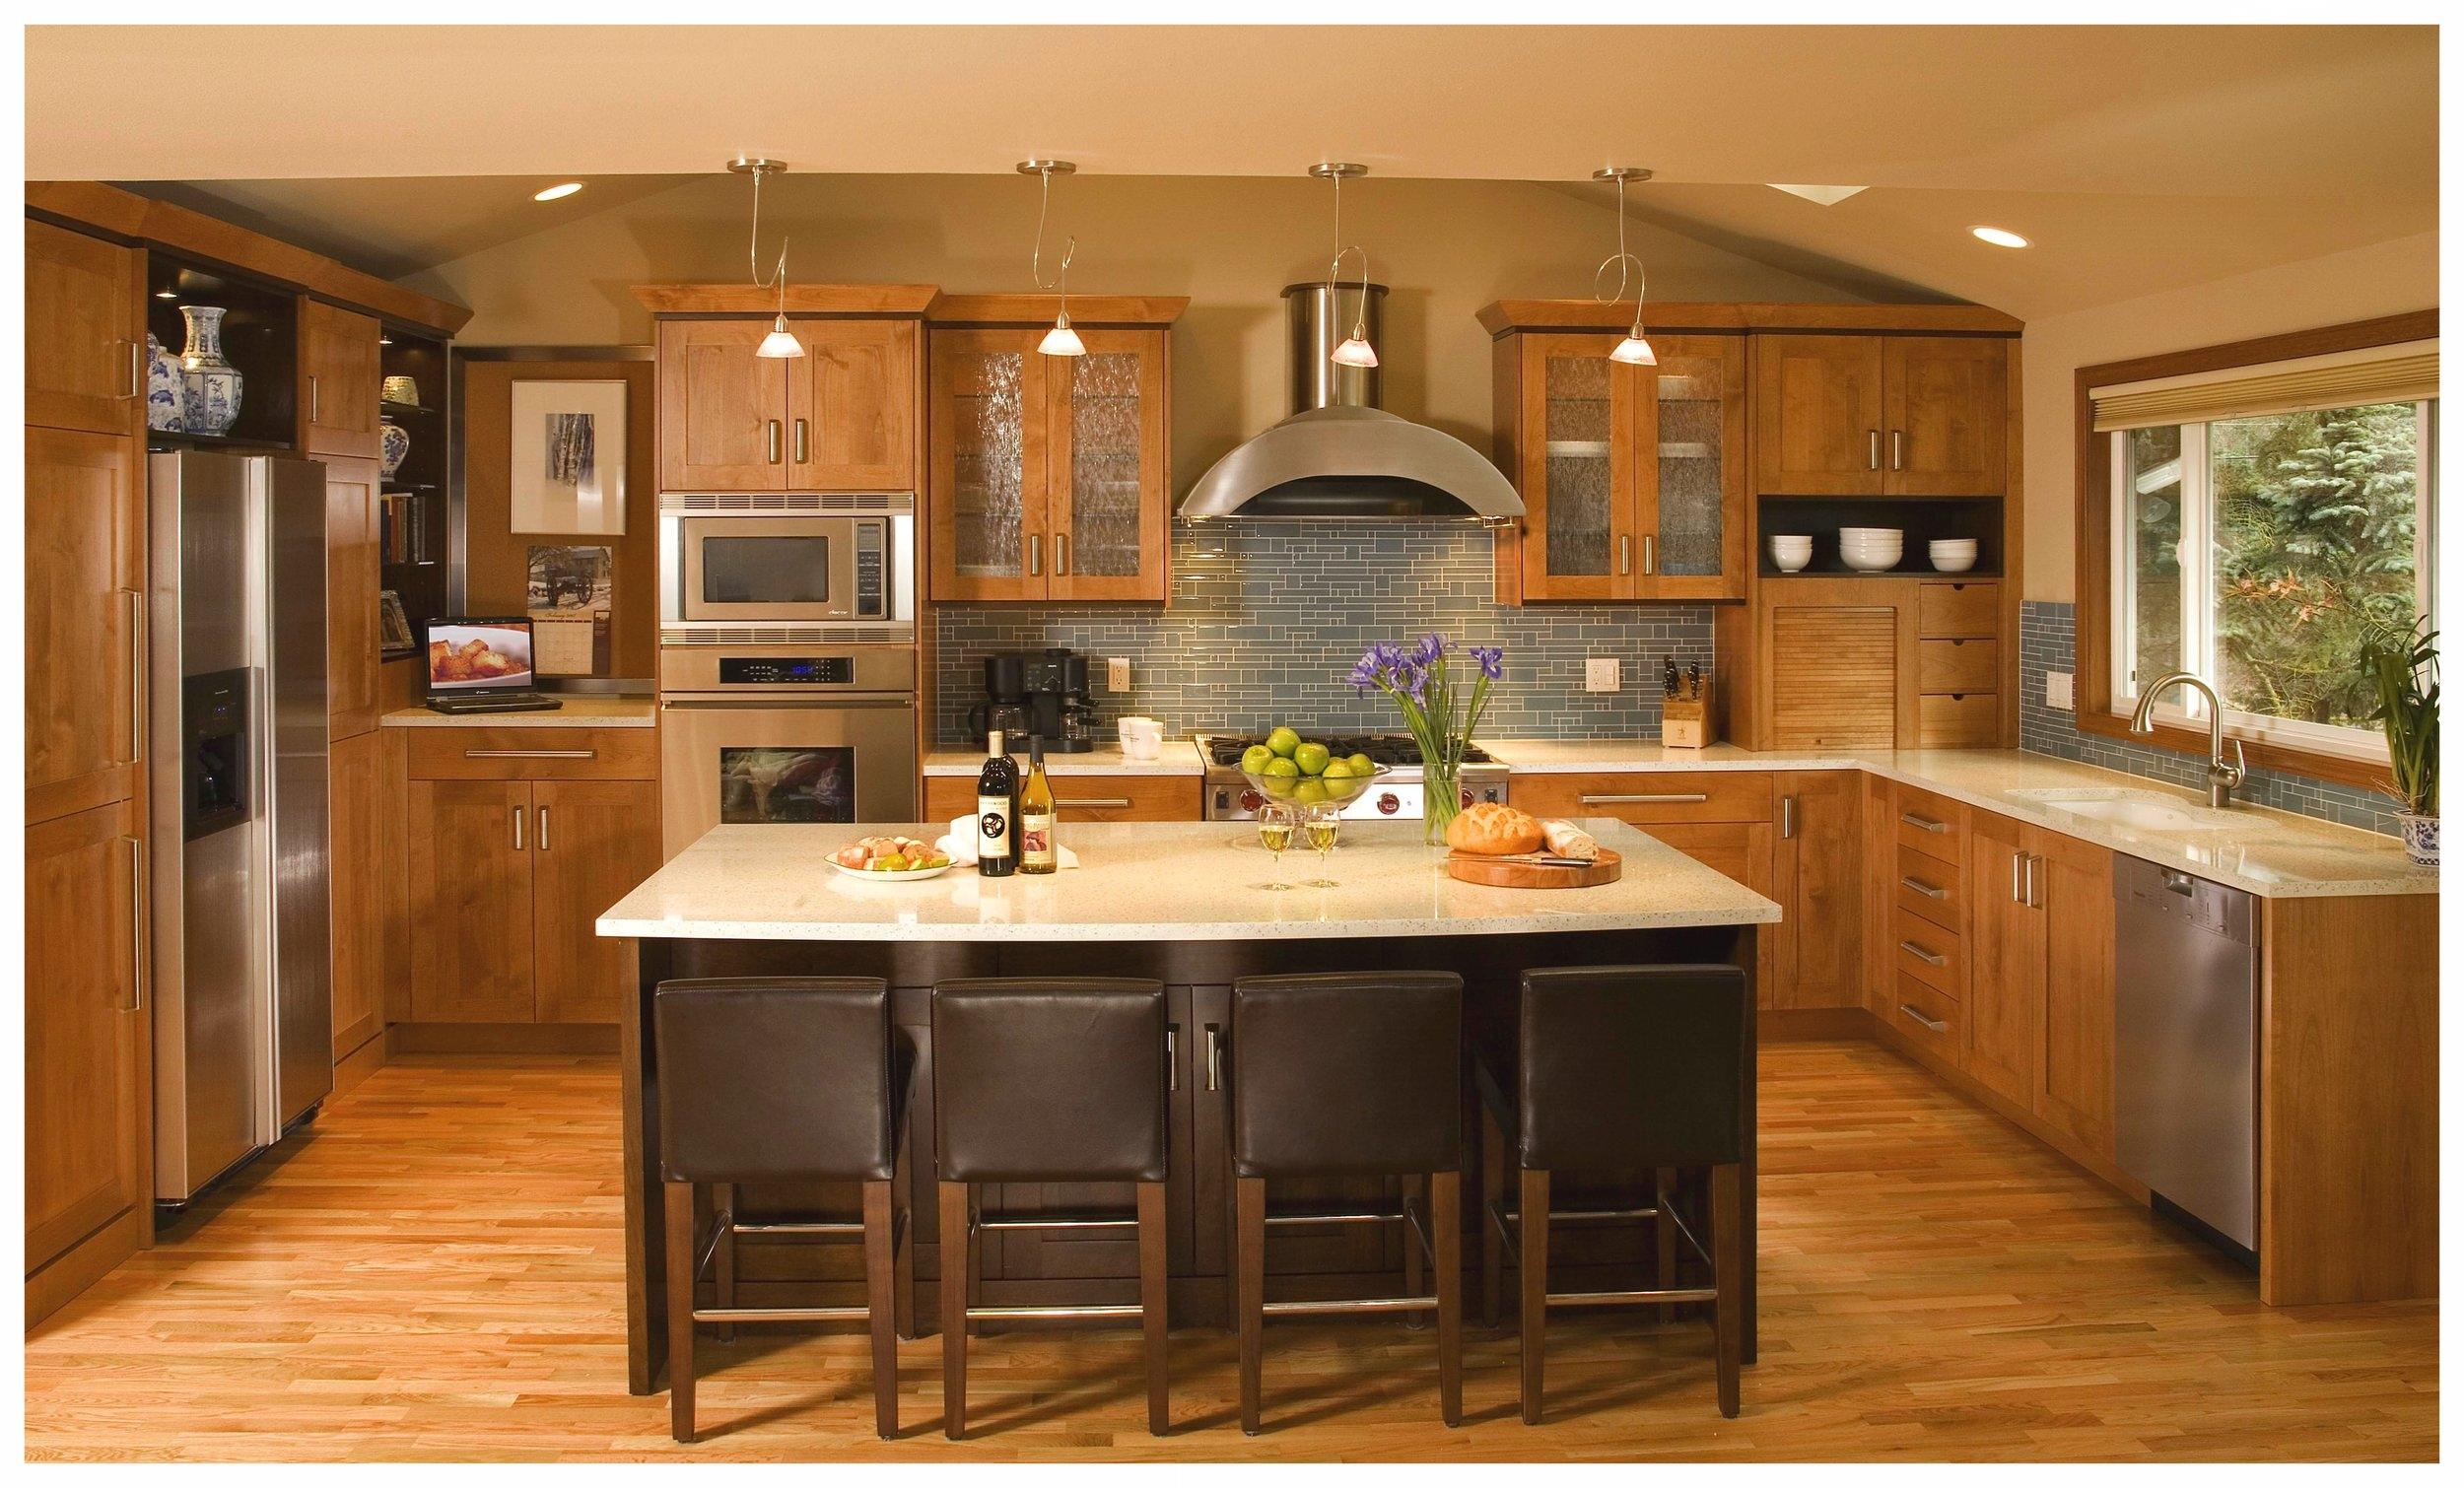 Bellevue Wilburton Park Transitional Kitchen 1.jpg